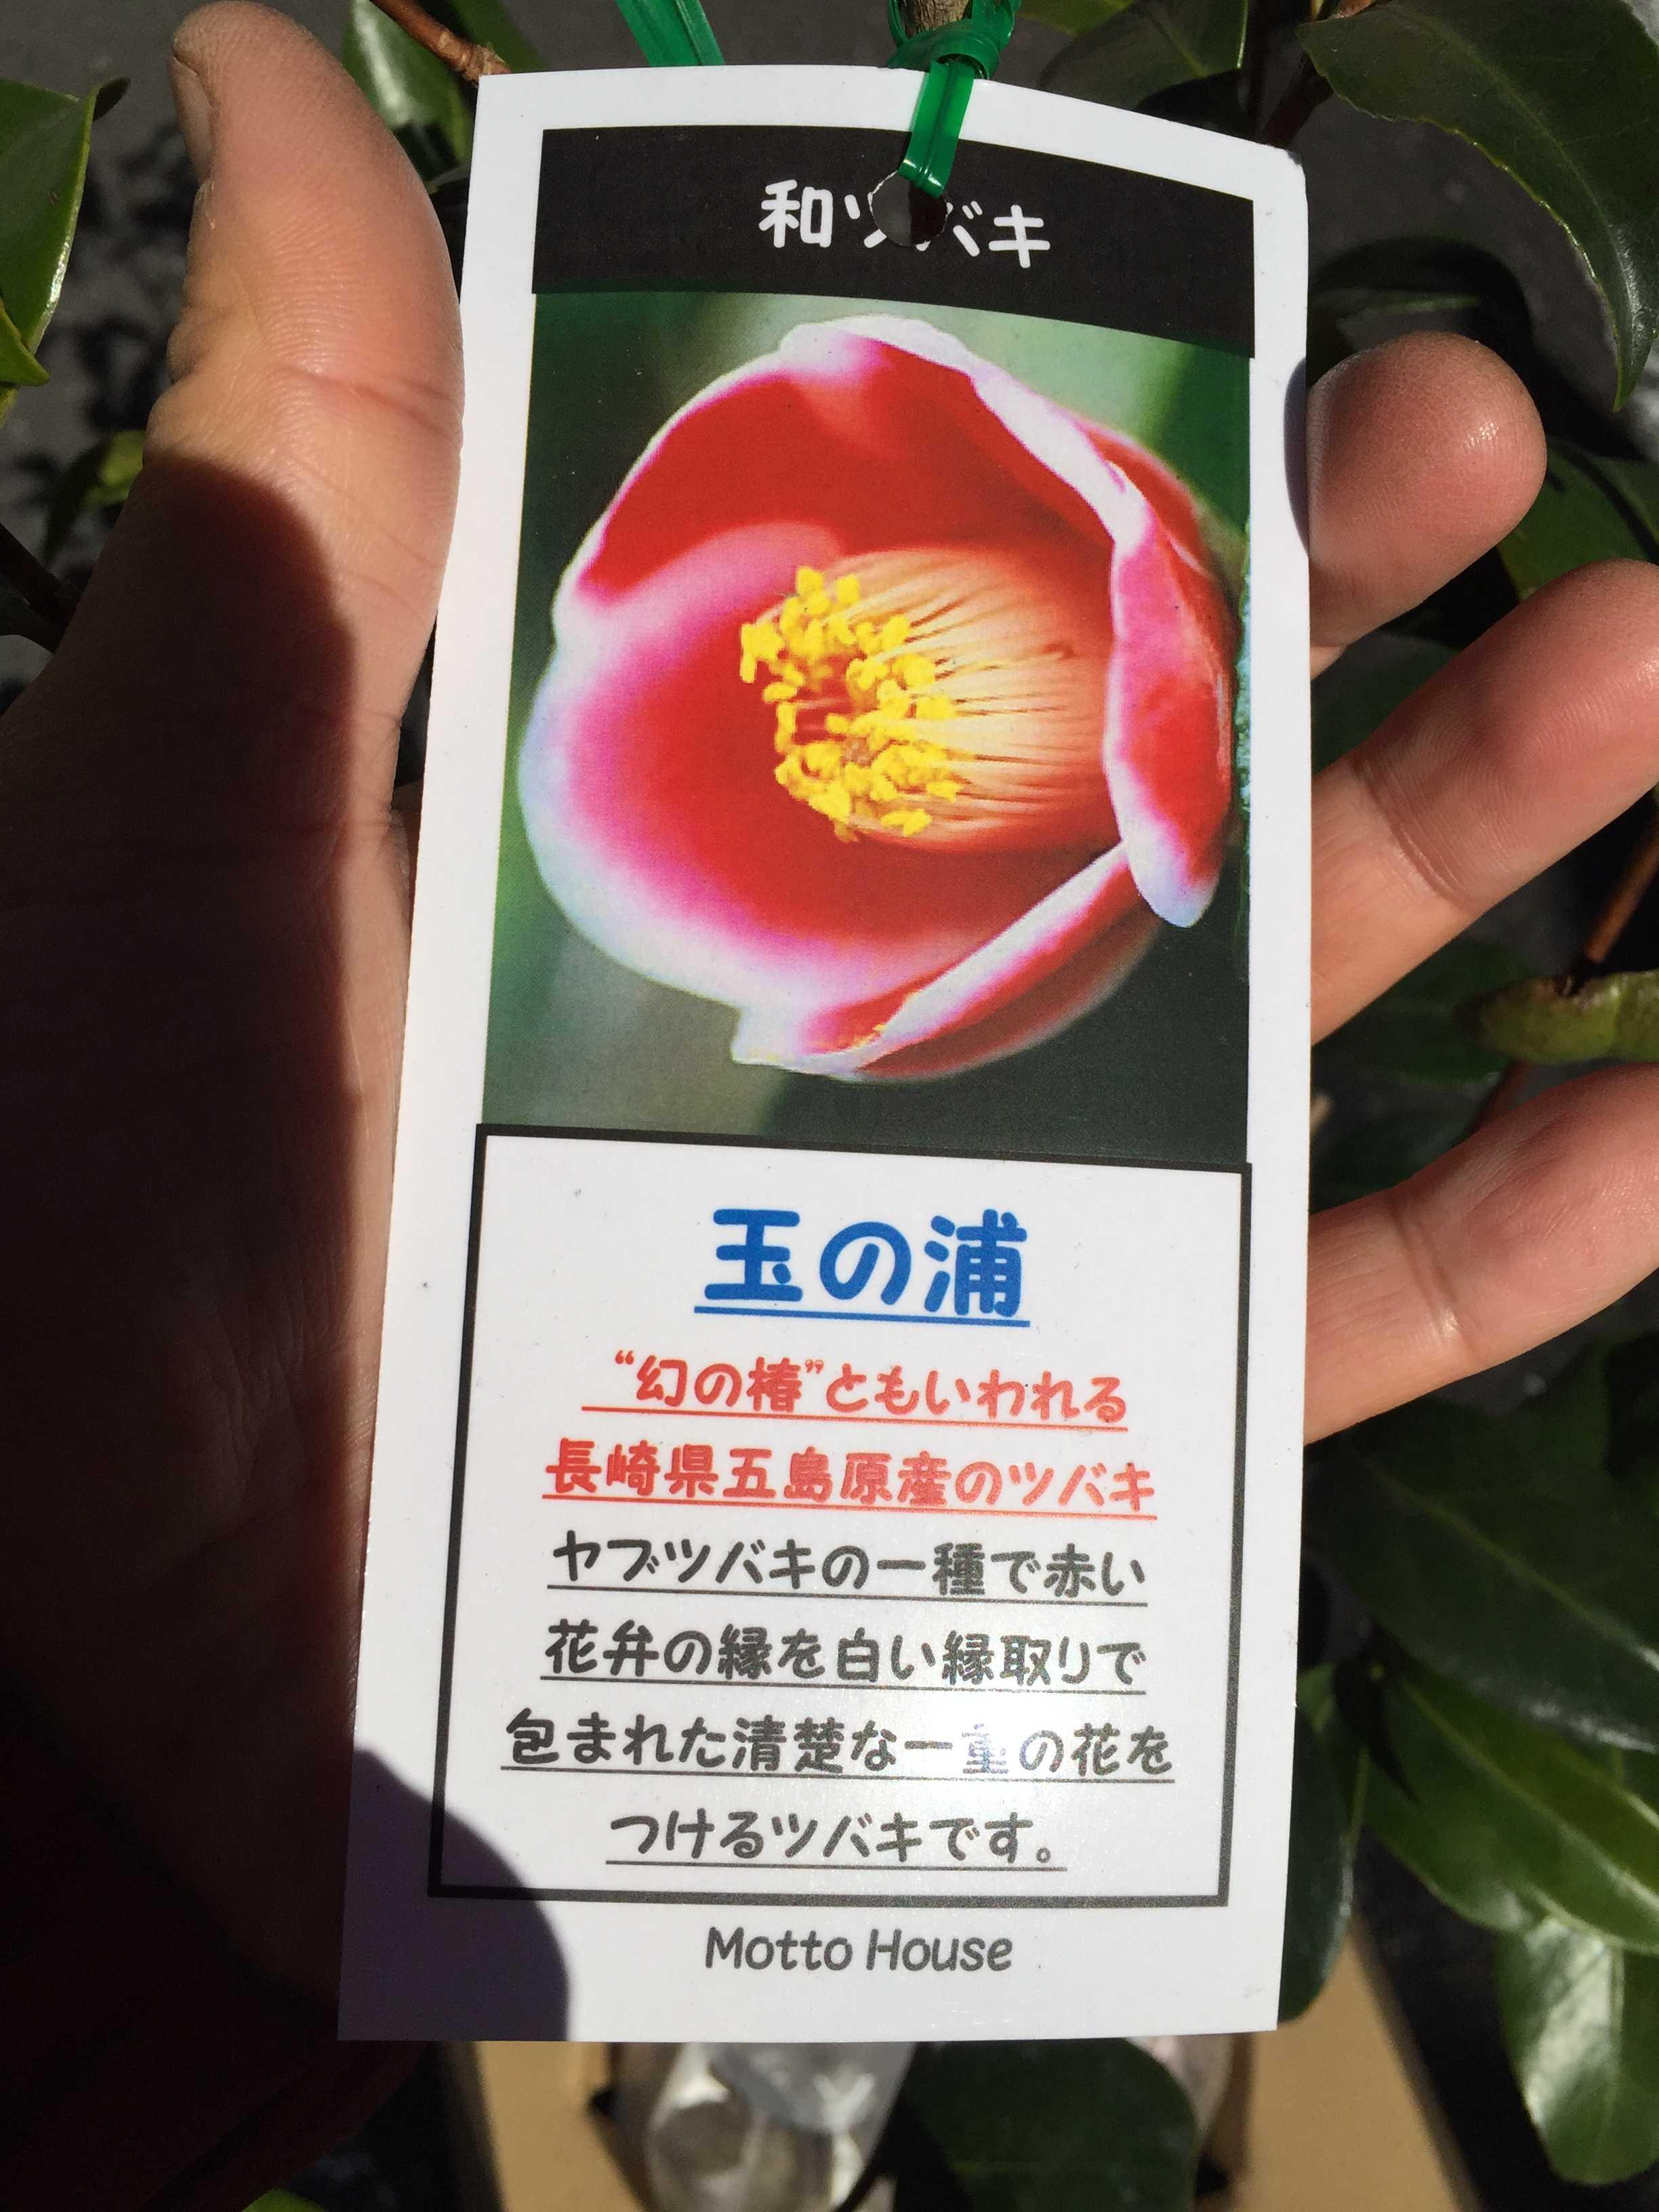 玉之浦椿 - Camellia japonica 'Tama-no-ura' の写真